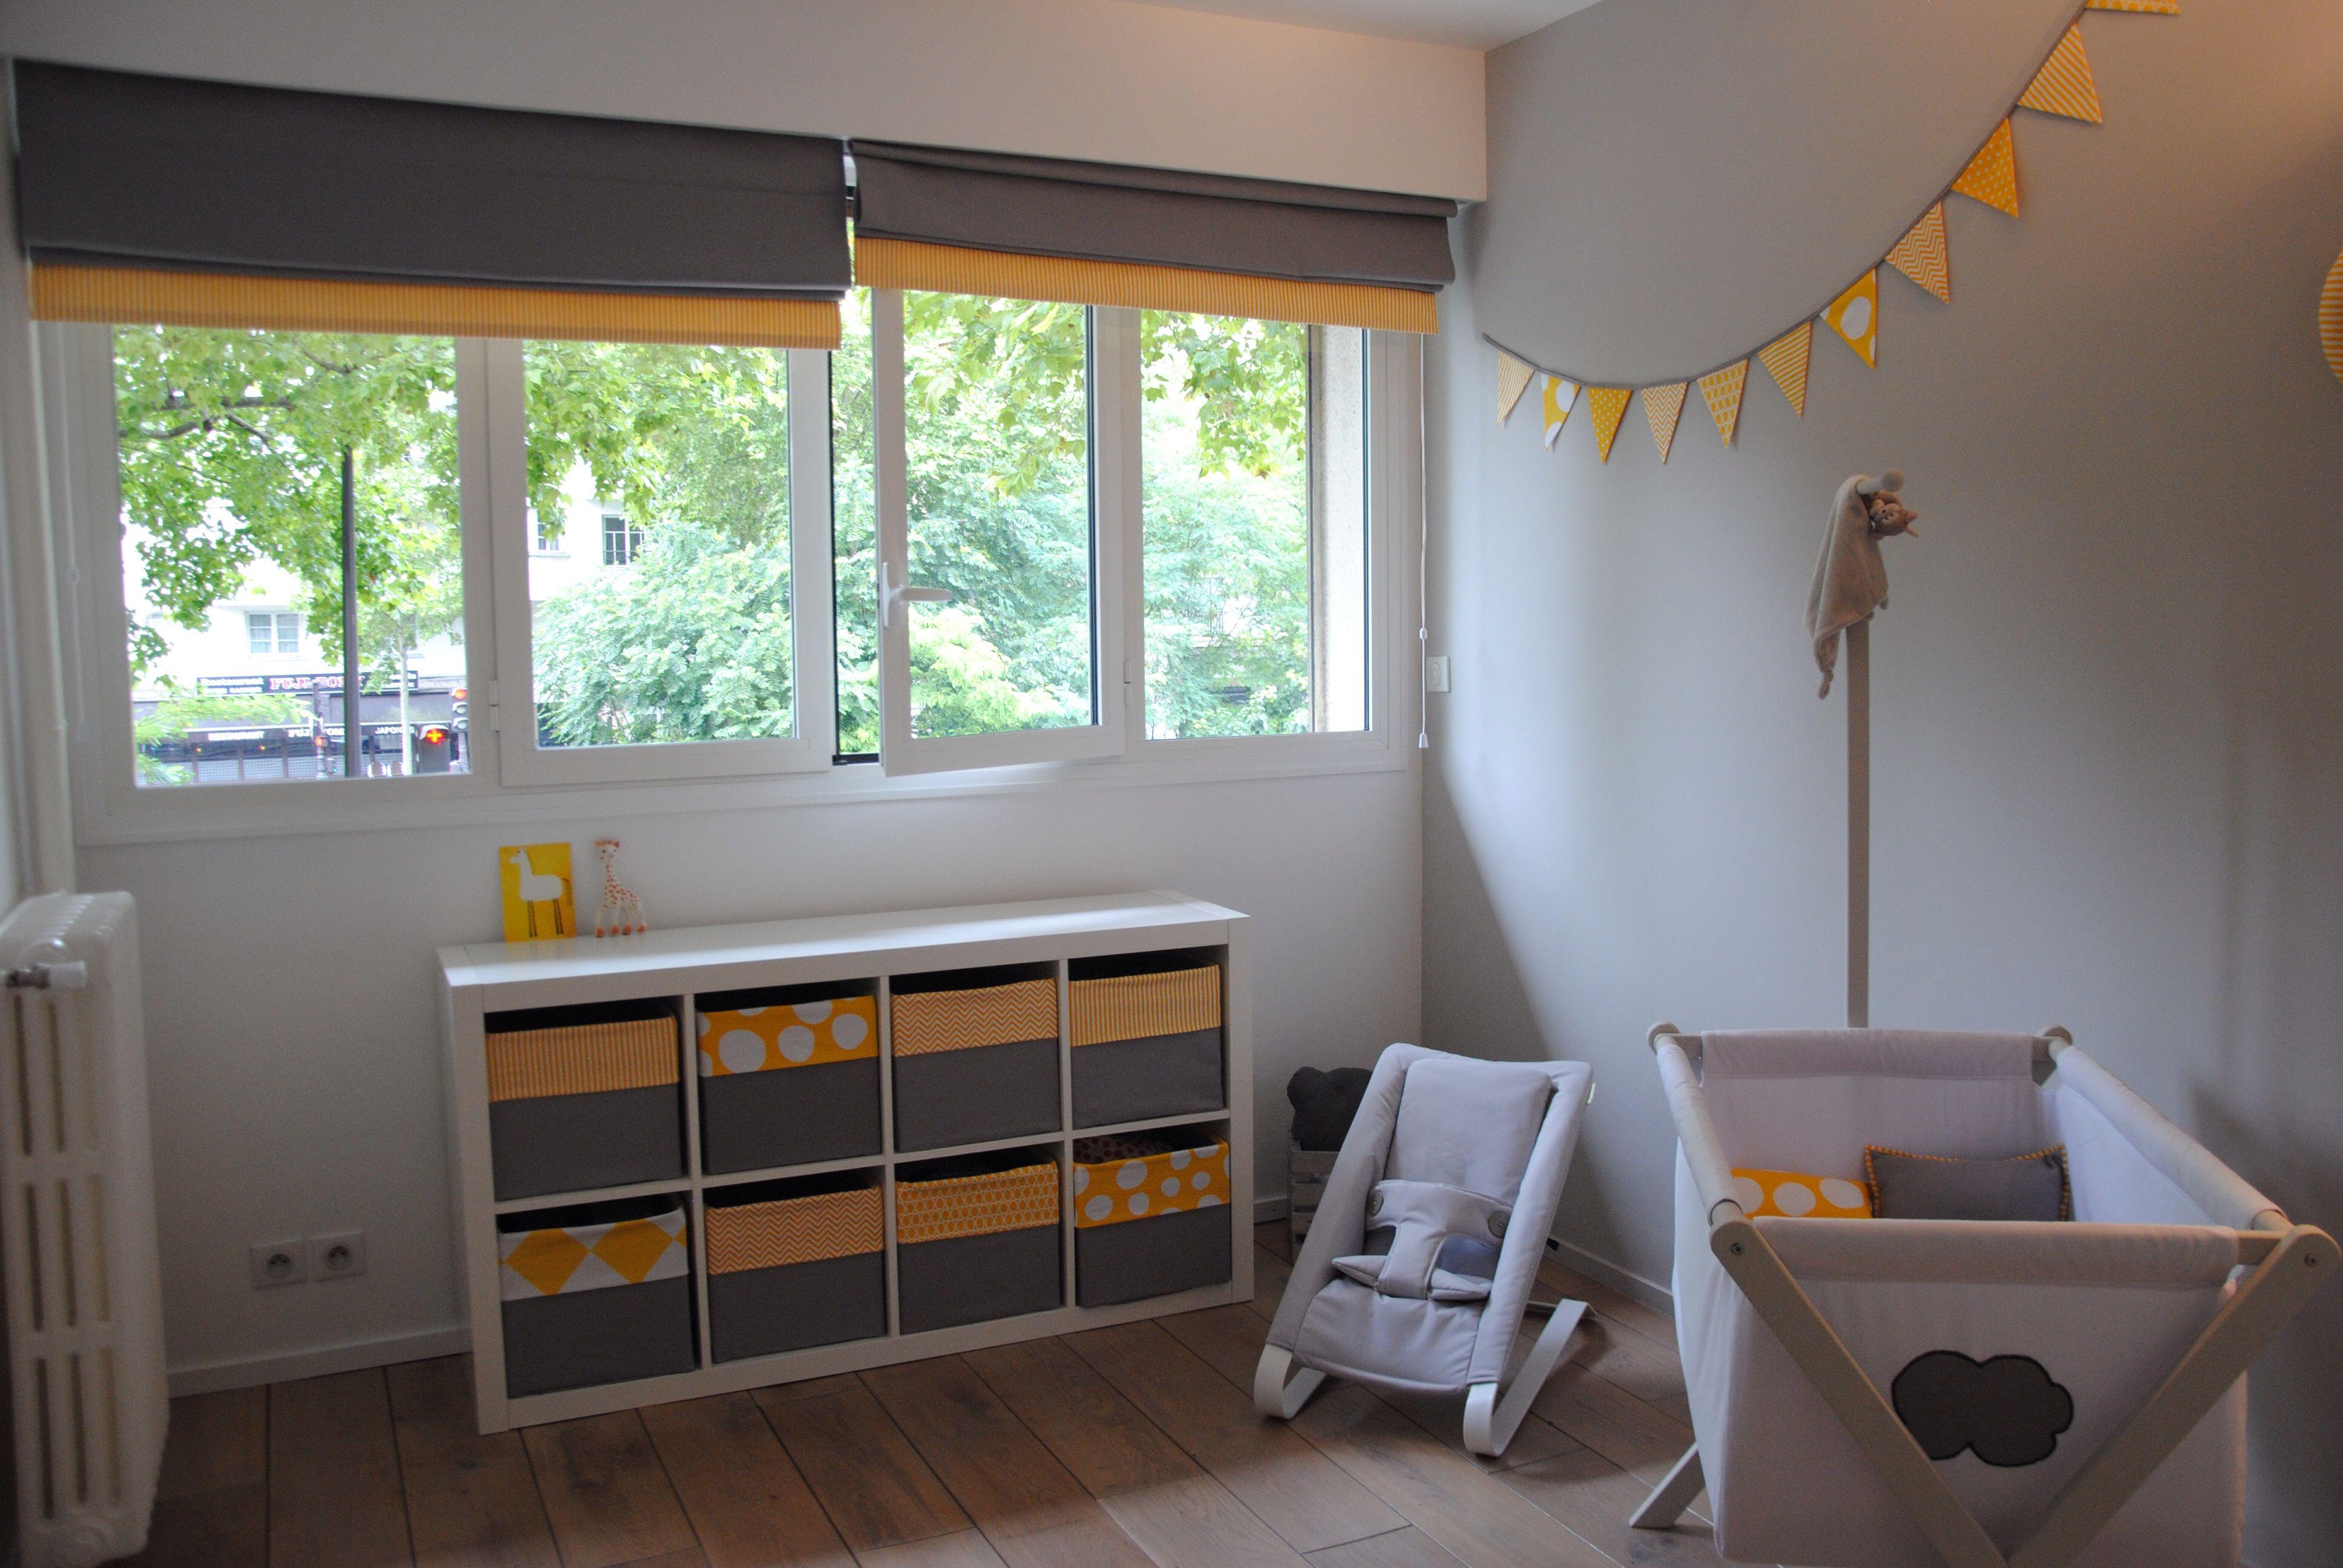 Chambre jaune et gris bebe | Baby | Pinterest | Chambre jaune, Jaune ...